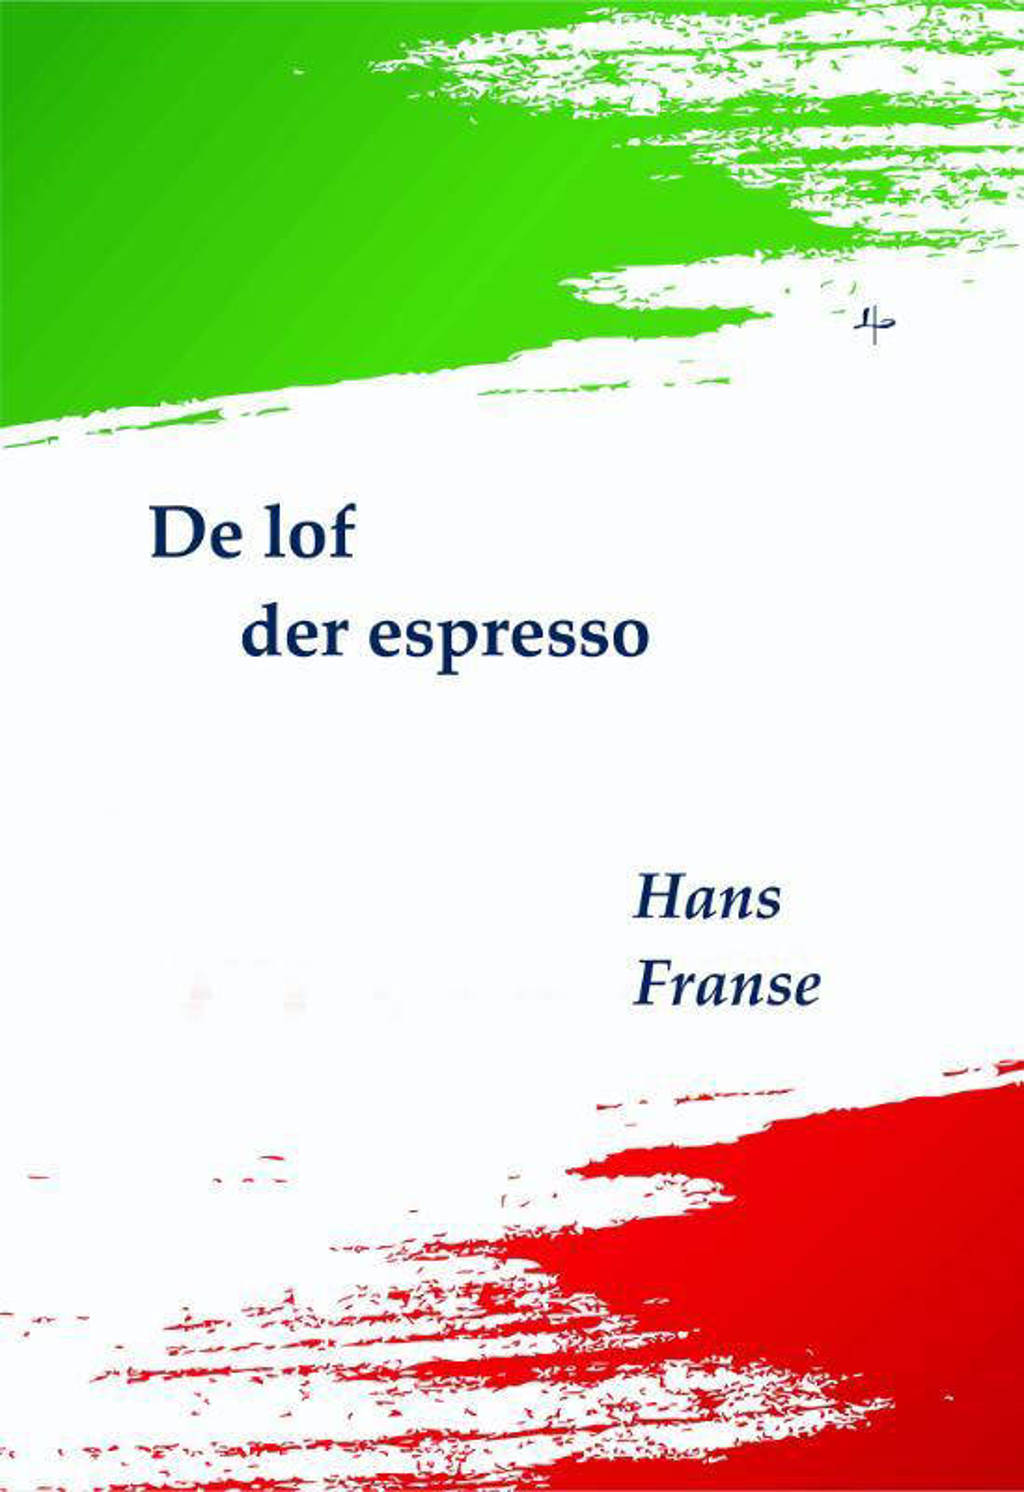 De lof der espresso - Hans Franse